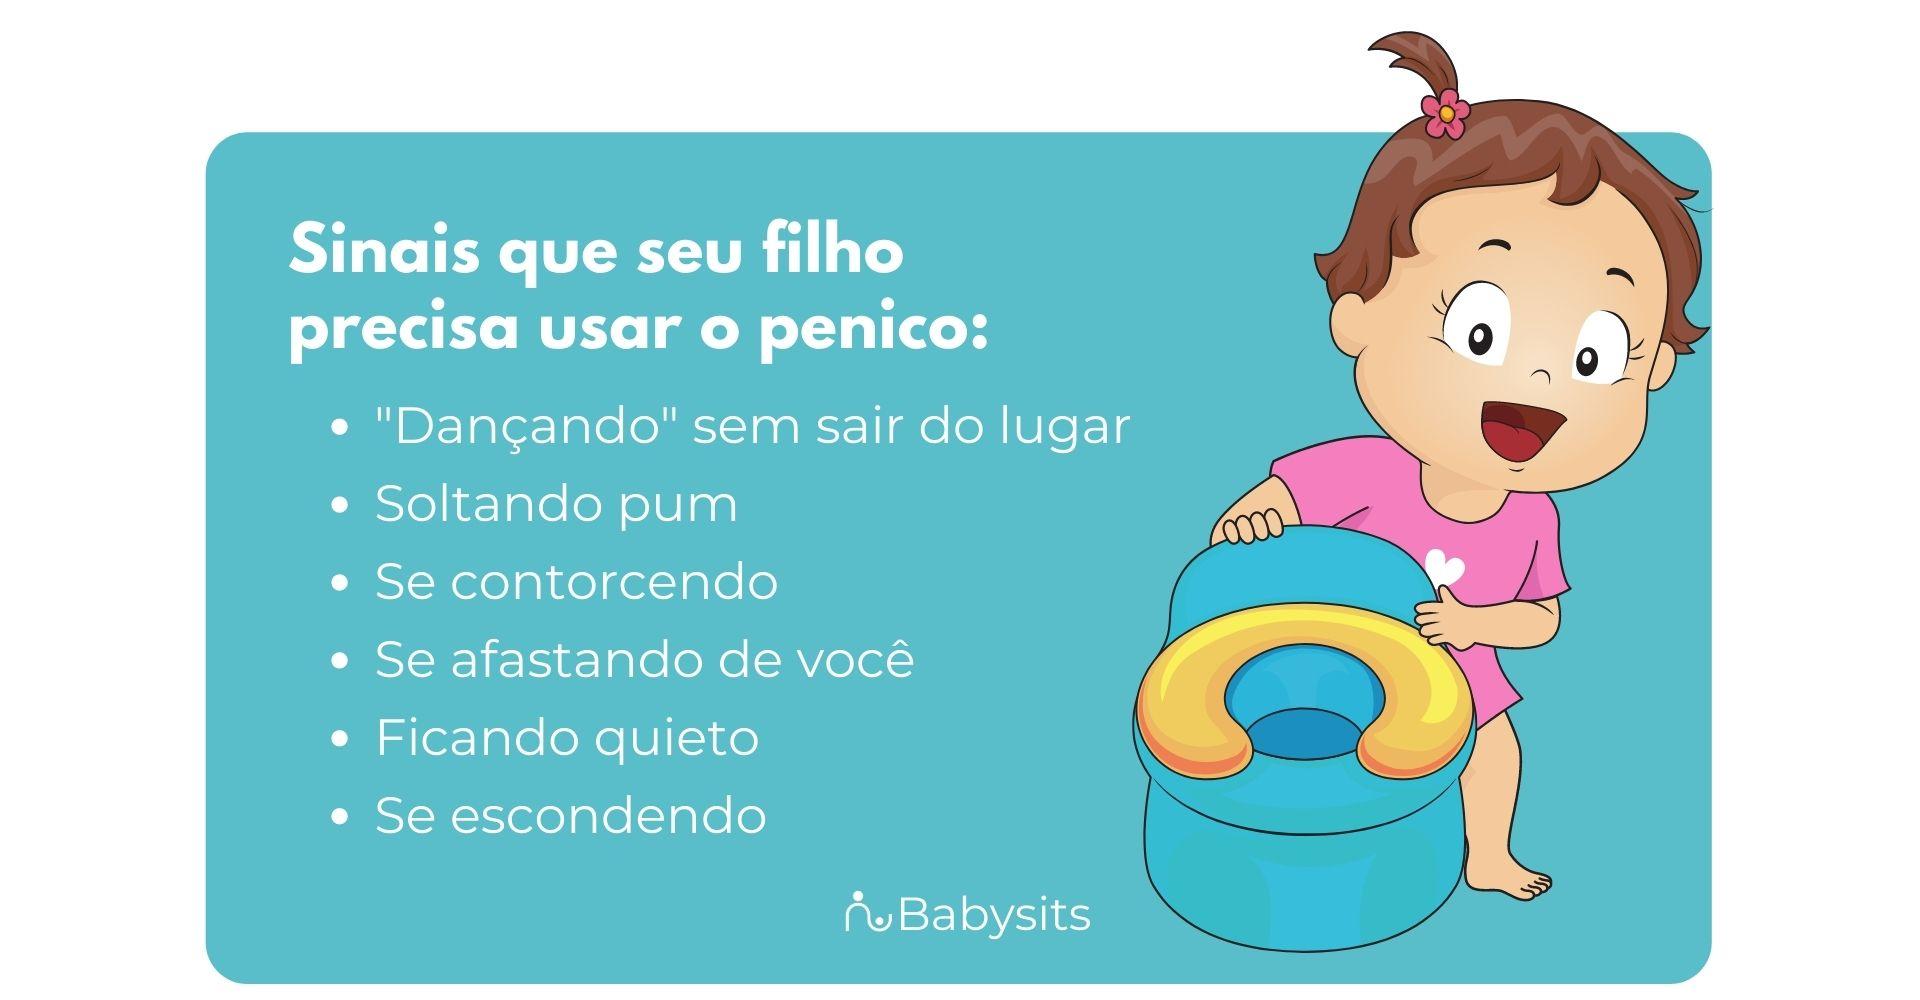 Como saber se a criança precisa usar o penico